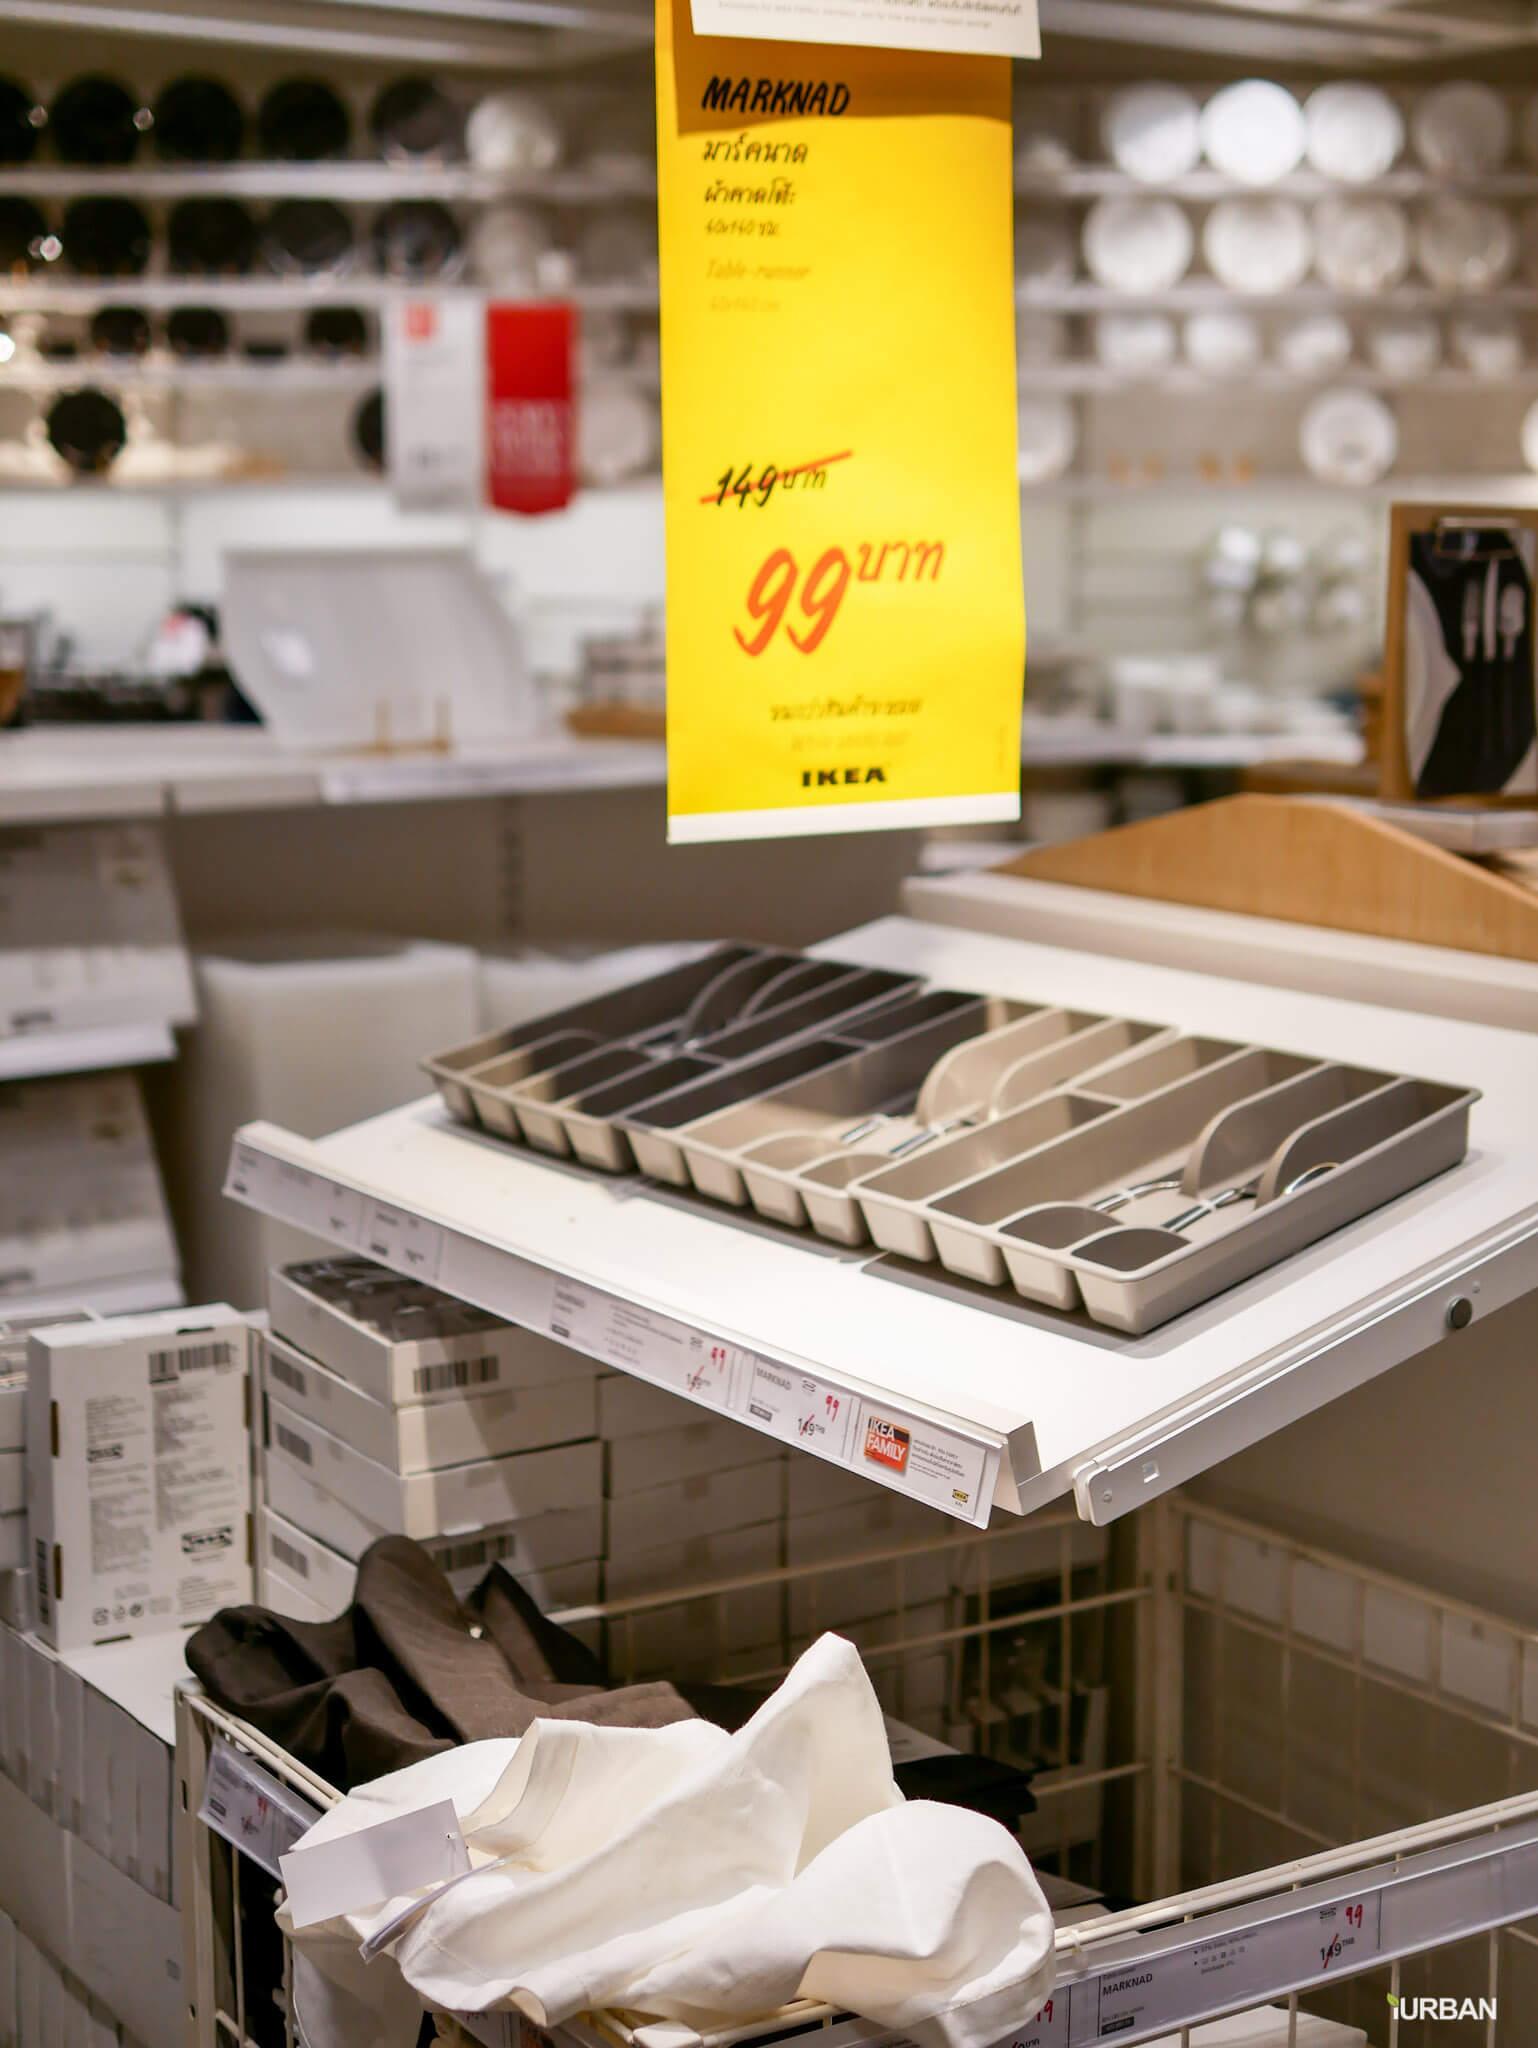 มันเยอะมากกกก!! IKEA Year End SALE 2017 รวมของเซลในอิเกีย ลดเยอะ ลดแหลก รีบพุ่งตัวไป วันนี้ - 7 มกราคม 61 119 - IKEA (อิเกีย)